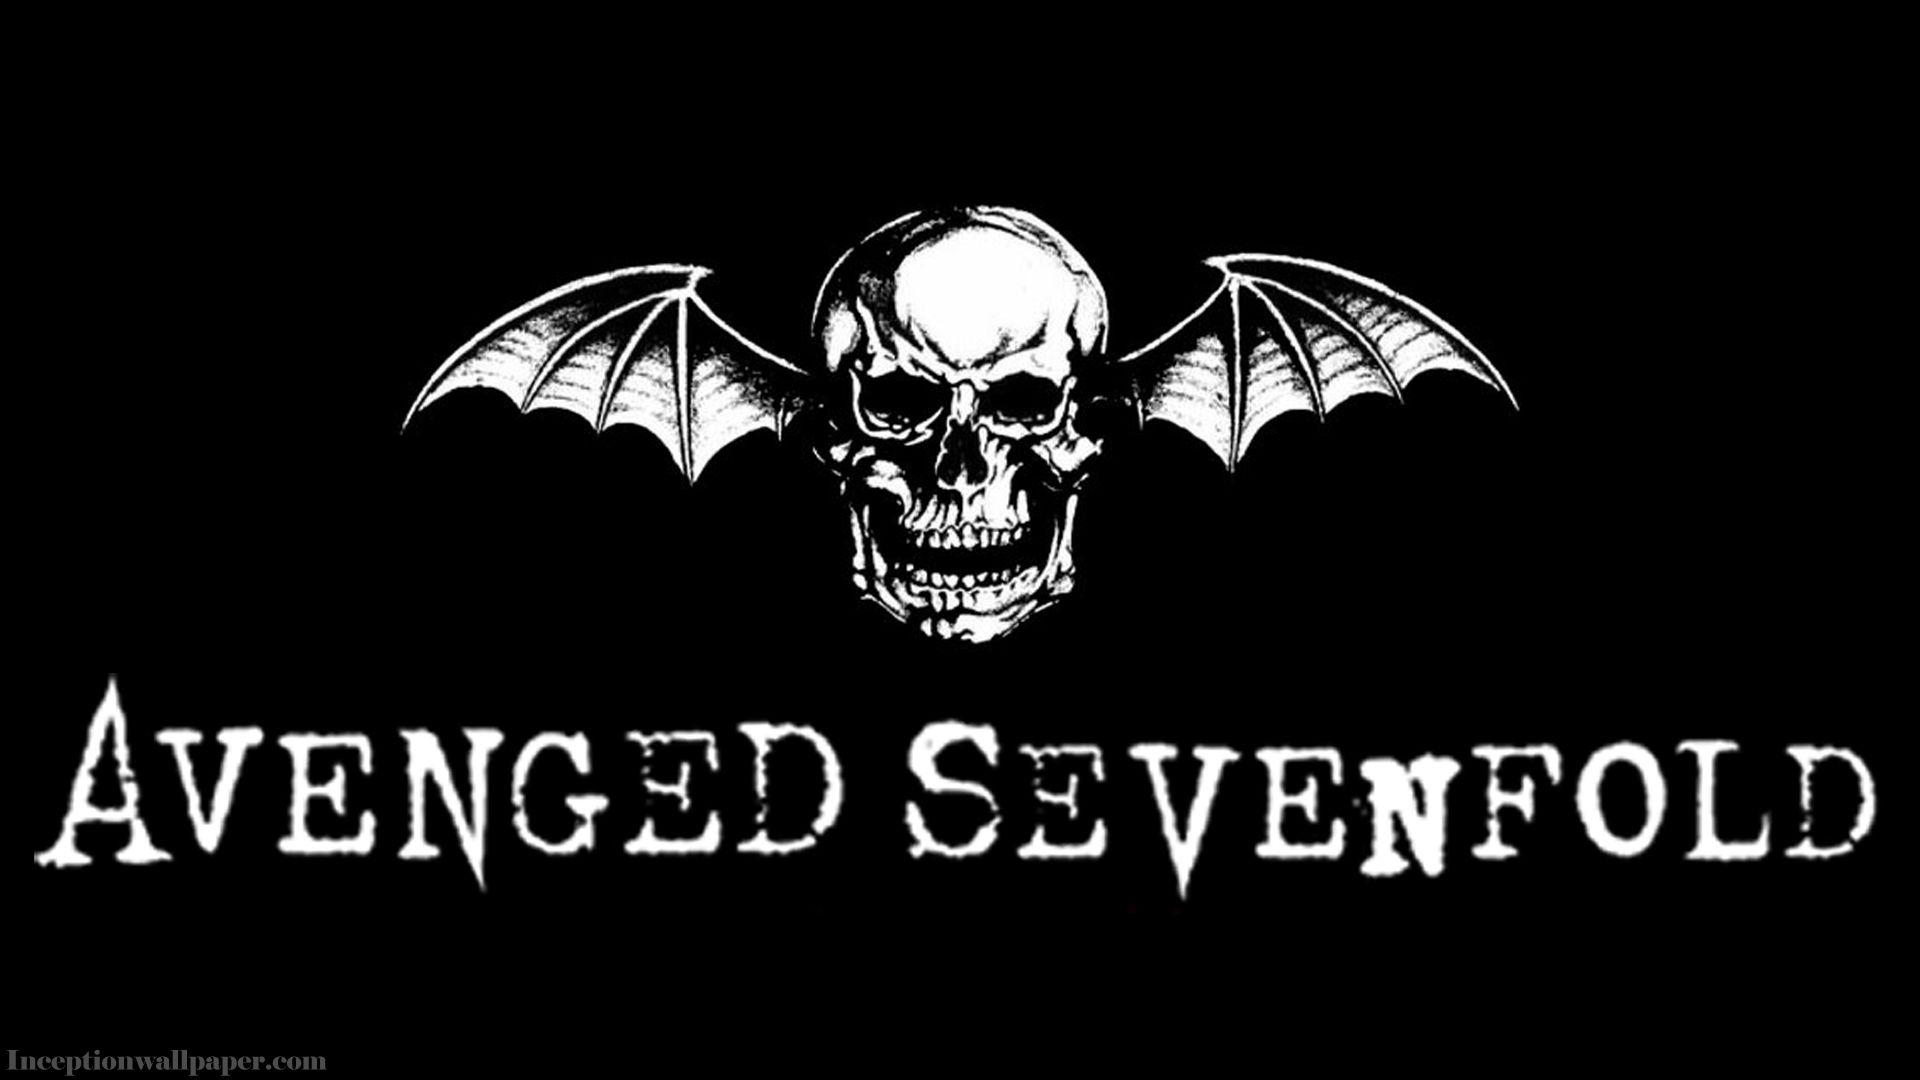 Avenged-Sevenfold-Wallpaper-03.jpg